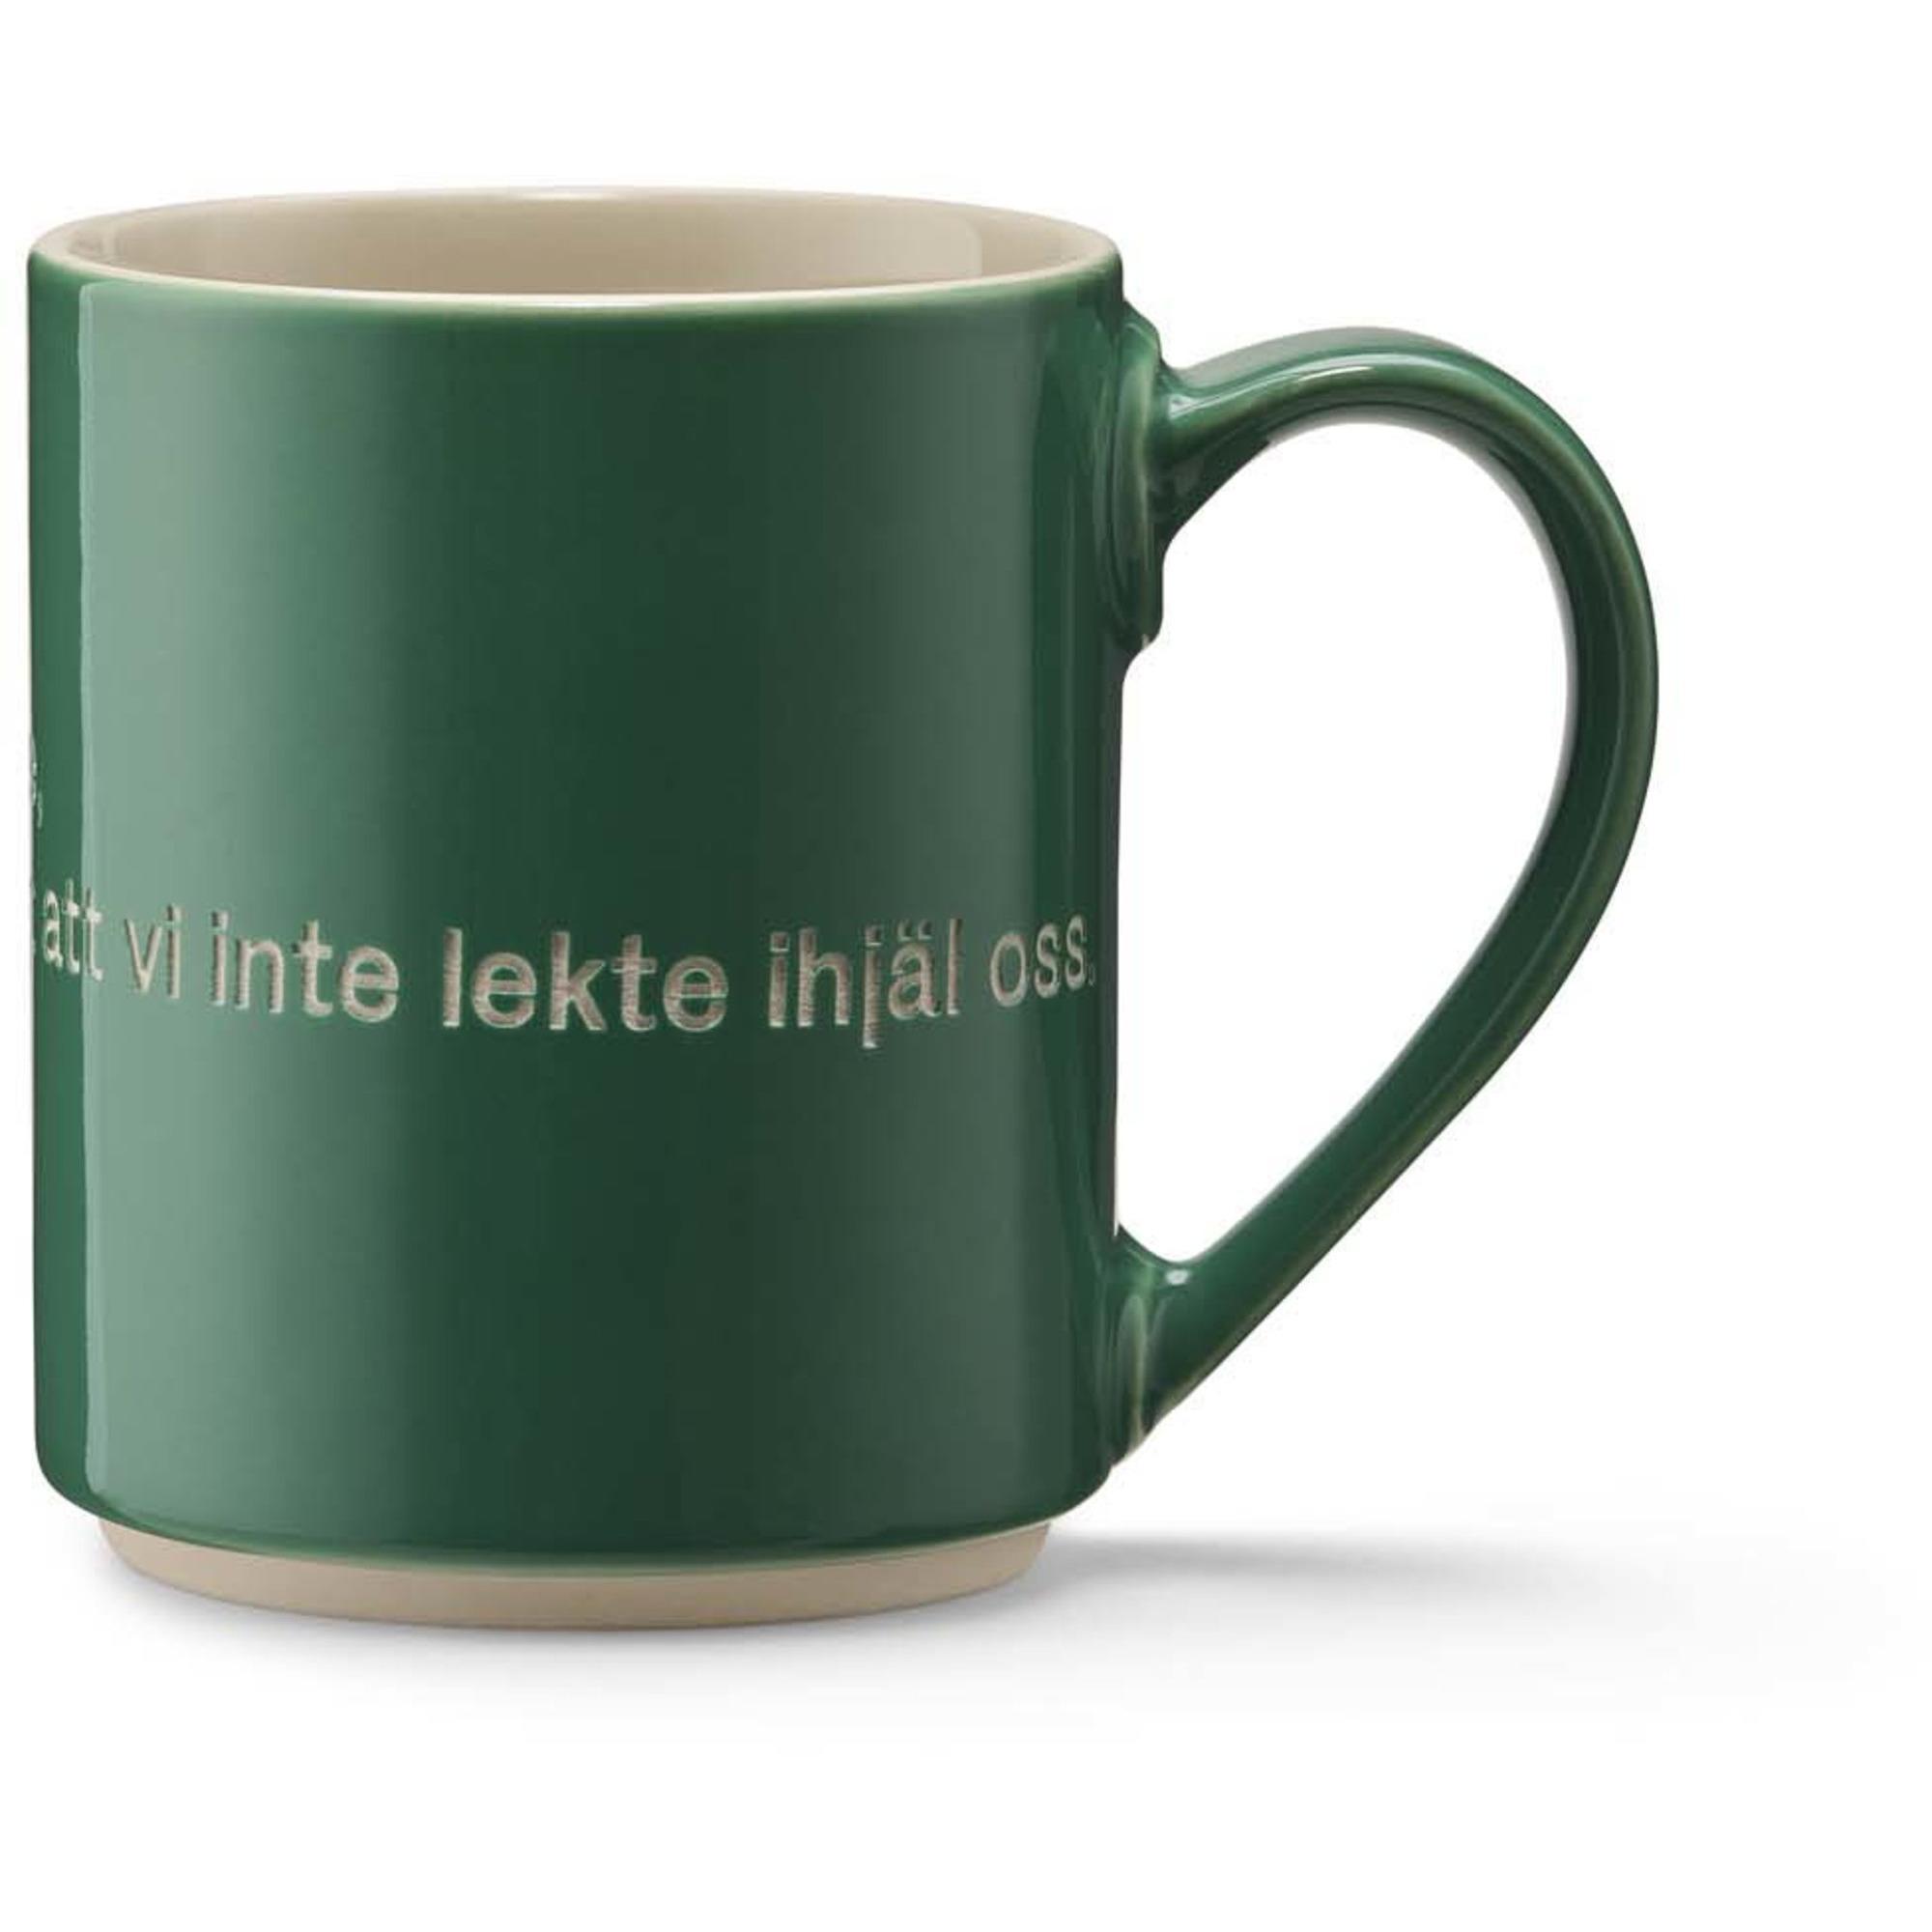 Bilde av Astrid Lindgren Mugg, Vi Lekte Och Lekte